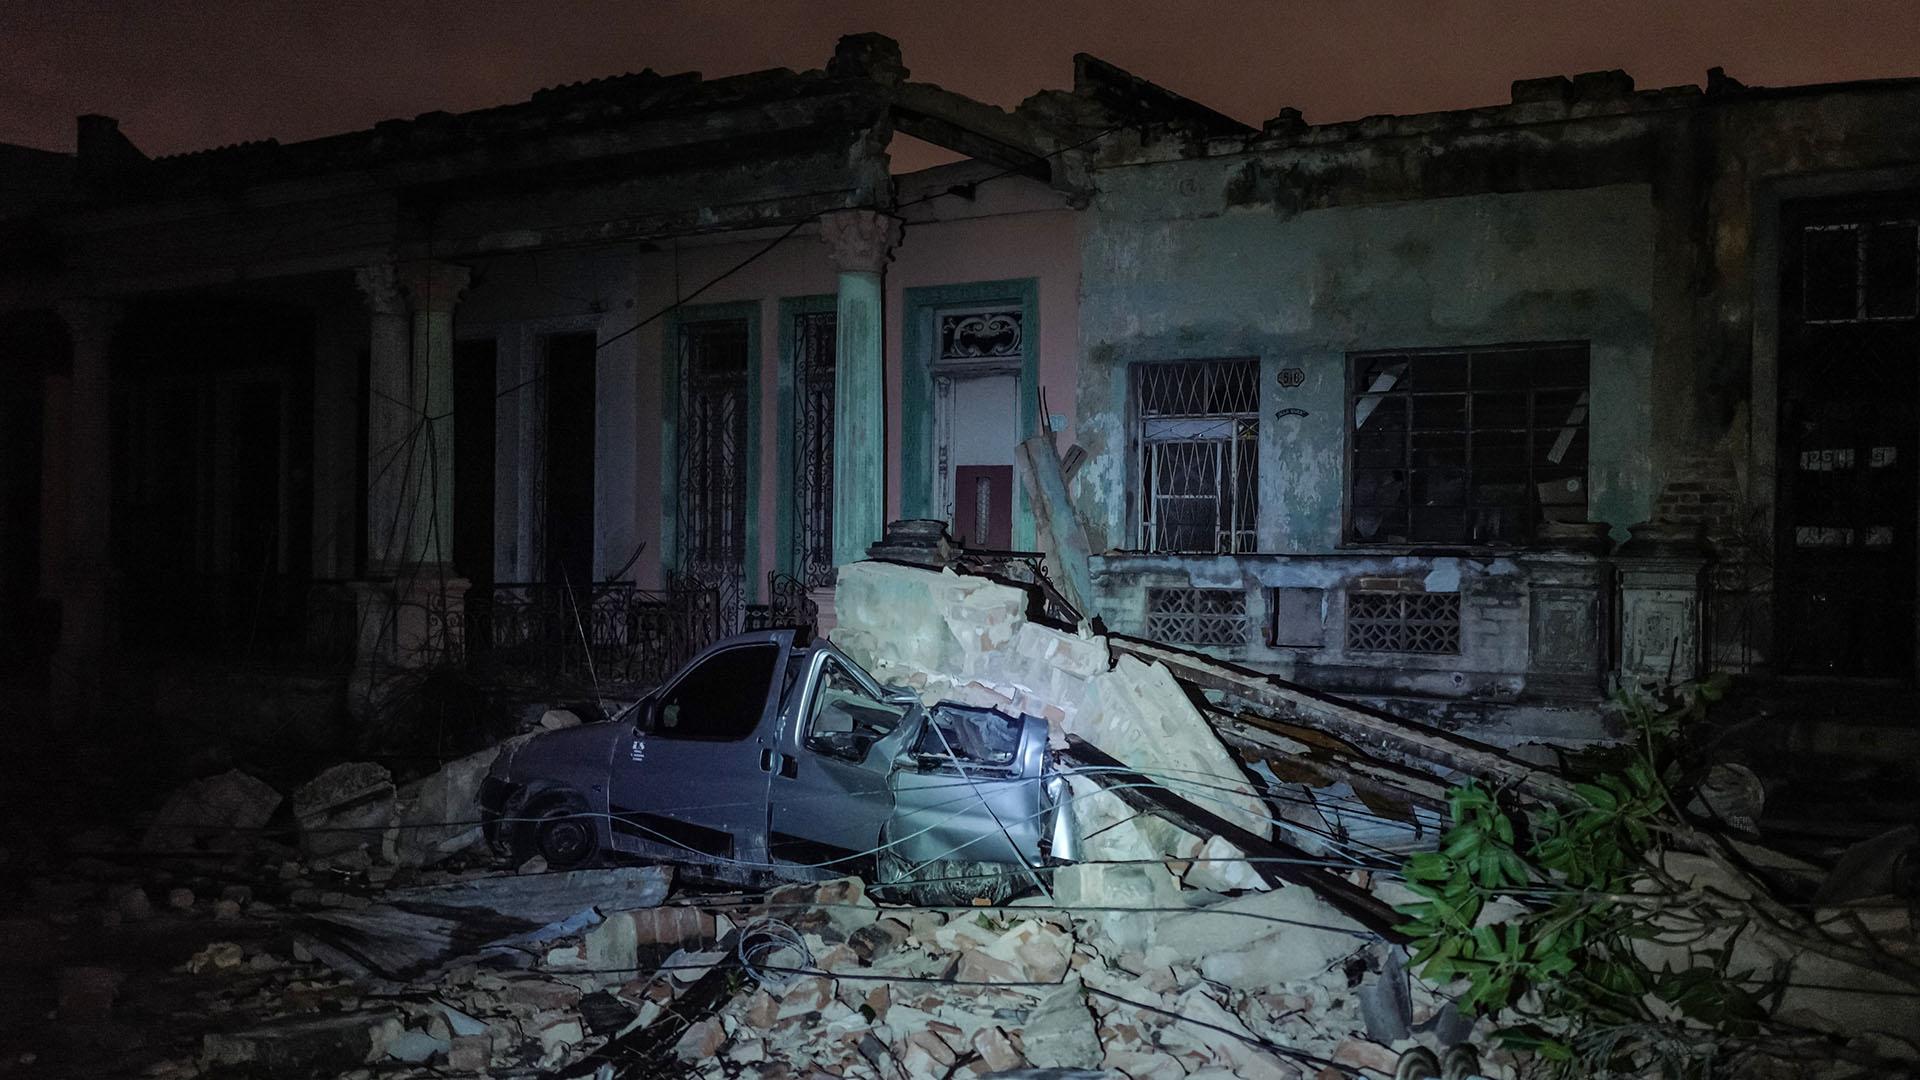 Un vehículo aplastado por escombros en La Habana. Hubo al menos tres muertos y más de 100 heridos (AFP)